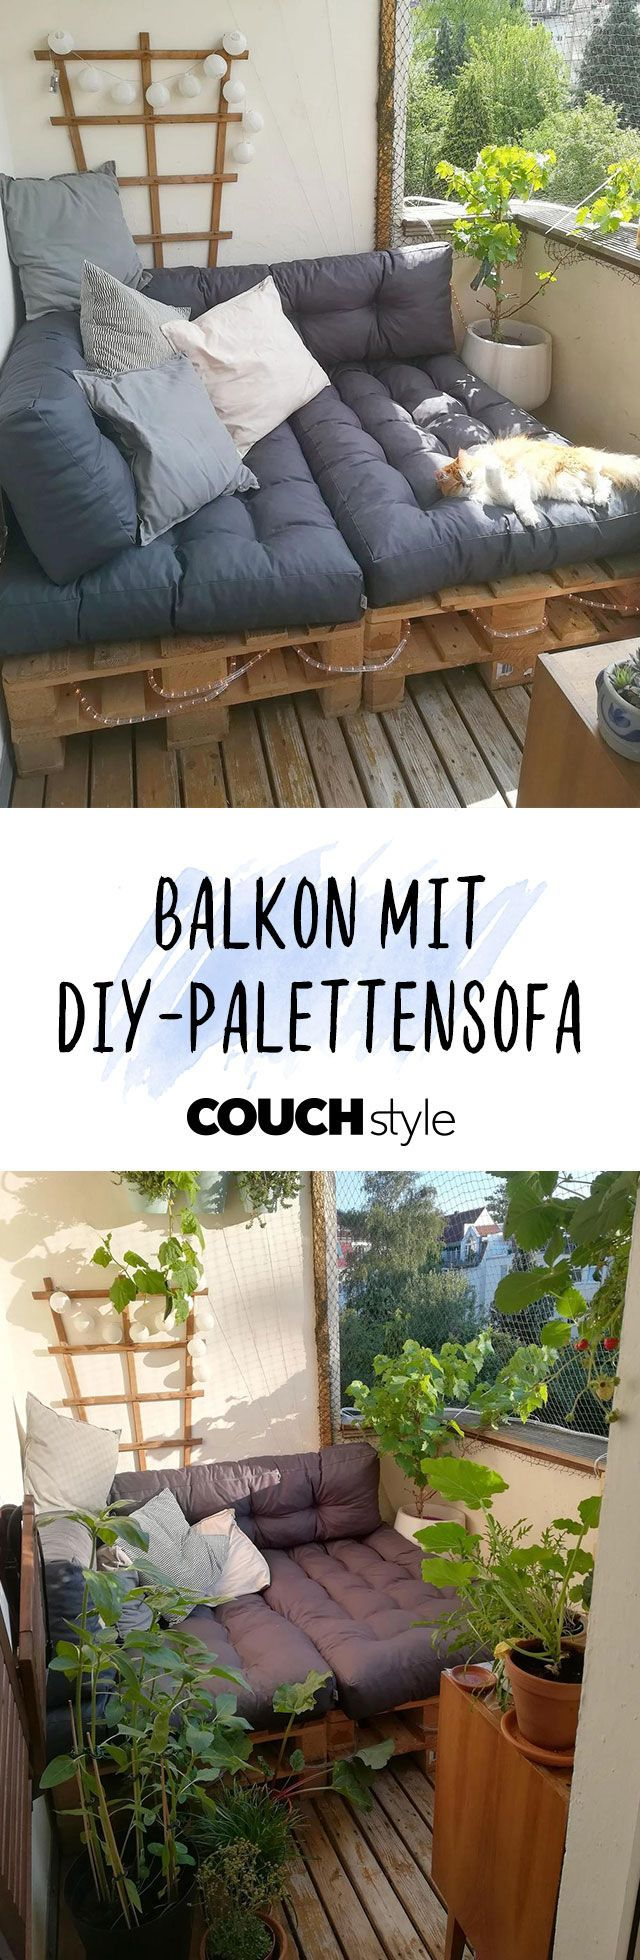 #palettensofa #palettenmöbel #balkon #balkonien #bal... #palettendeko